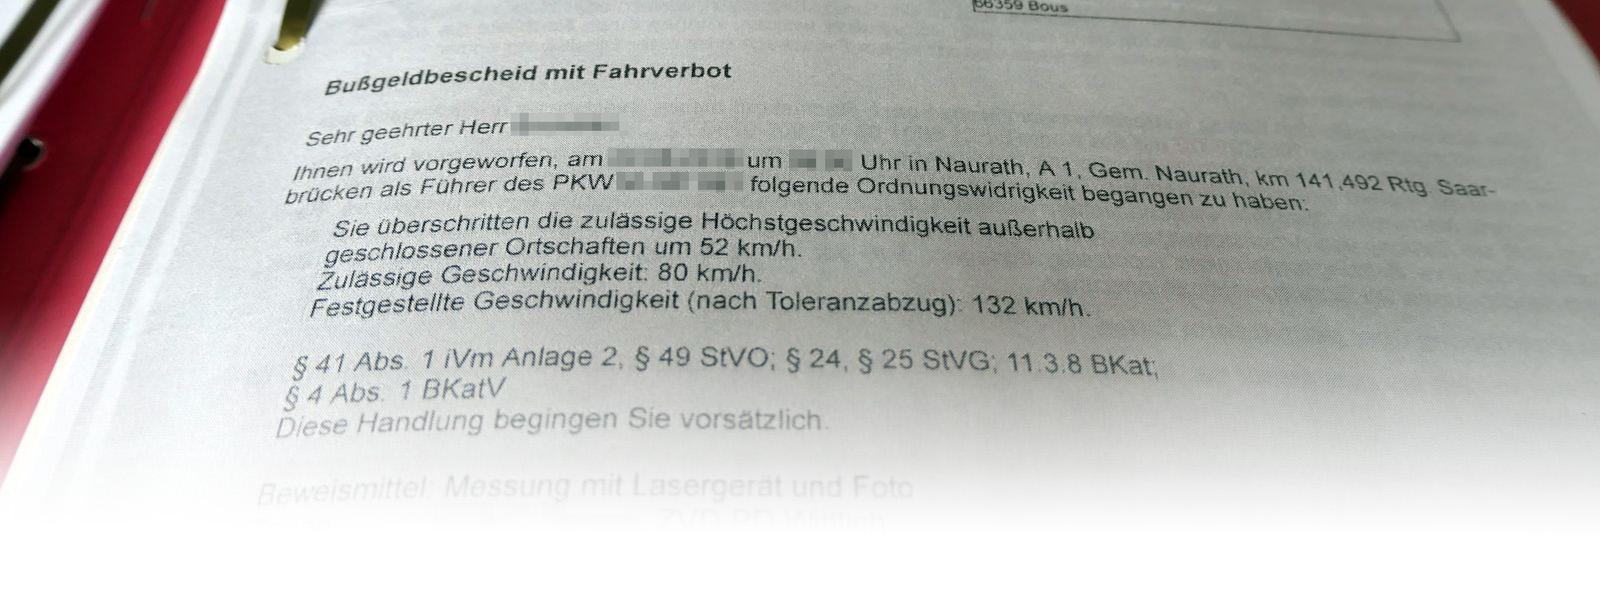 Rheinland-Pfalz: Alle Bußgeldbescheide der Zentralen Bußgeldstelle unwirksam?